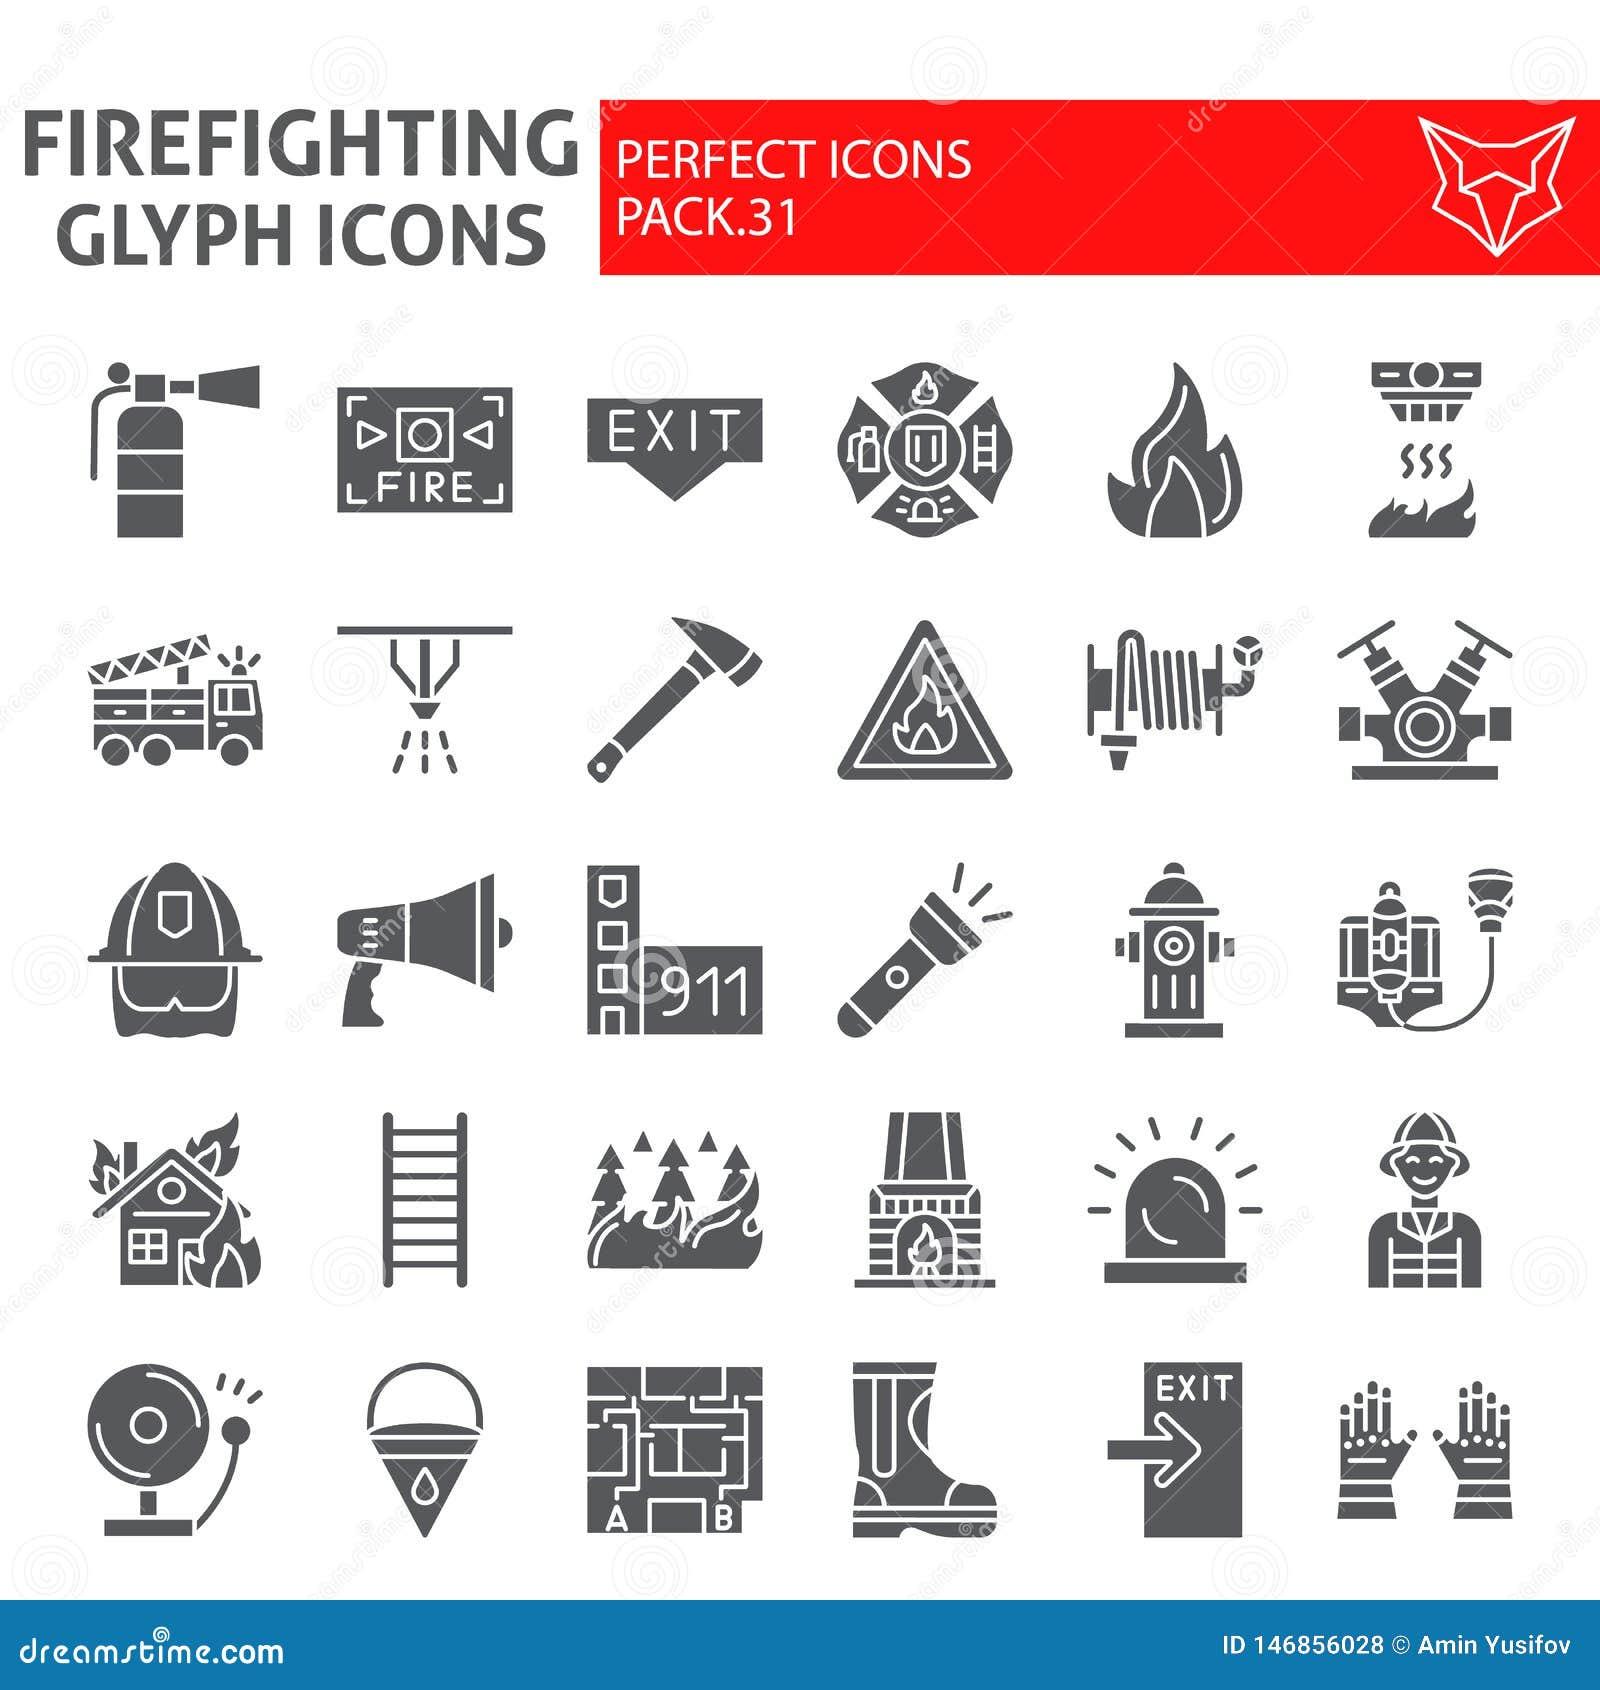 Feuerwehrmann Glyph-Ikonensatz, Feuerwehrmannsymbole Sammlung, Vektorskizzen, Logoillustrationen, Brandschutzzeichen fest